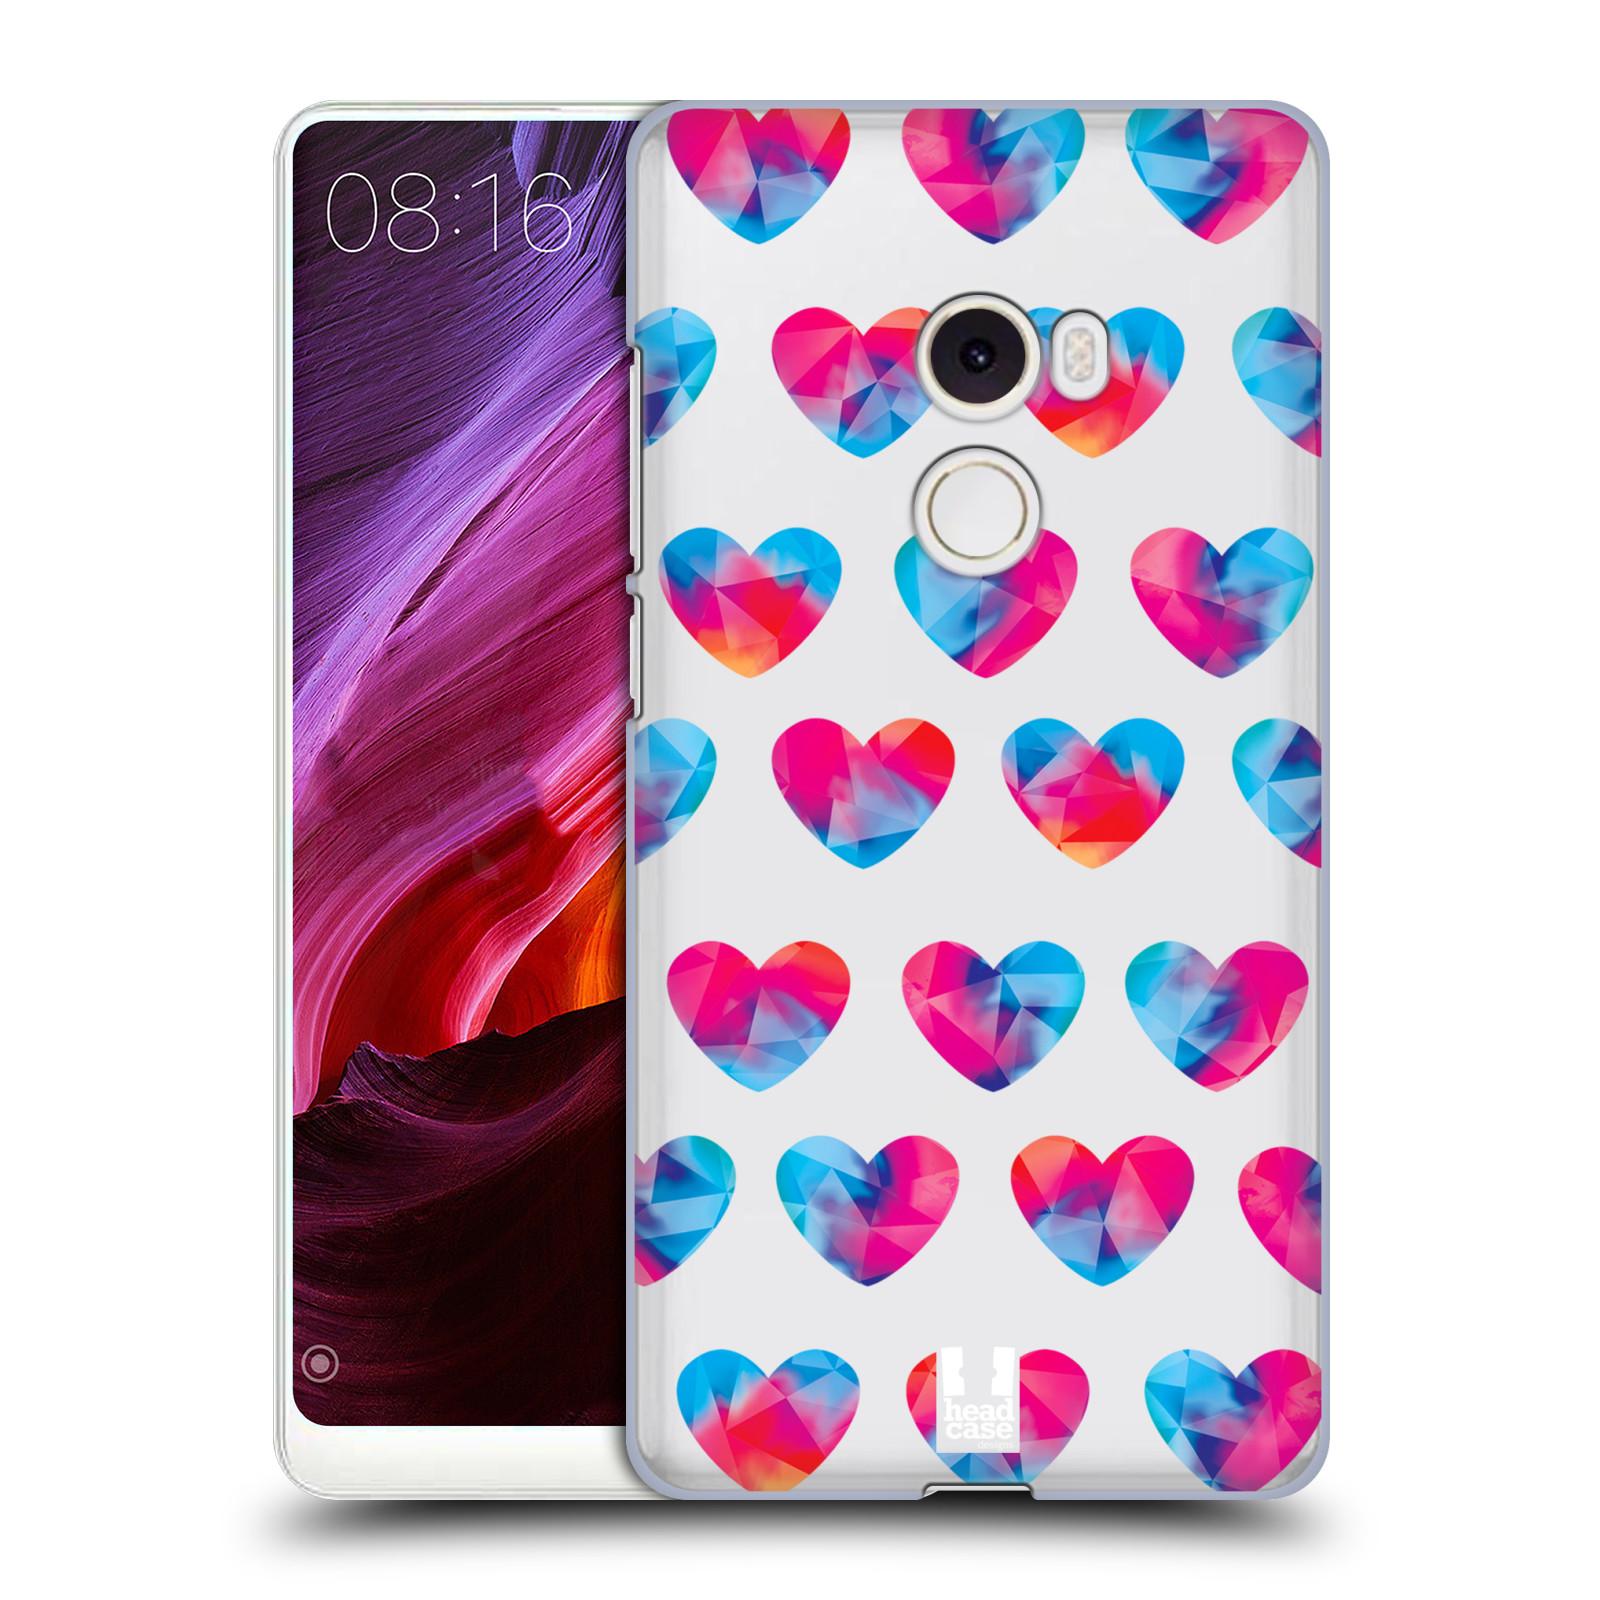 Plastové pouzdro na mobil Xiaomi Mi Mix 2 - Head Case - Srdíčka hrající barvami